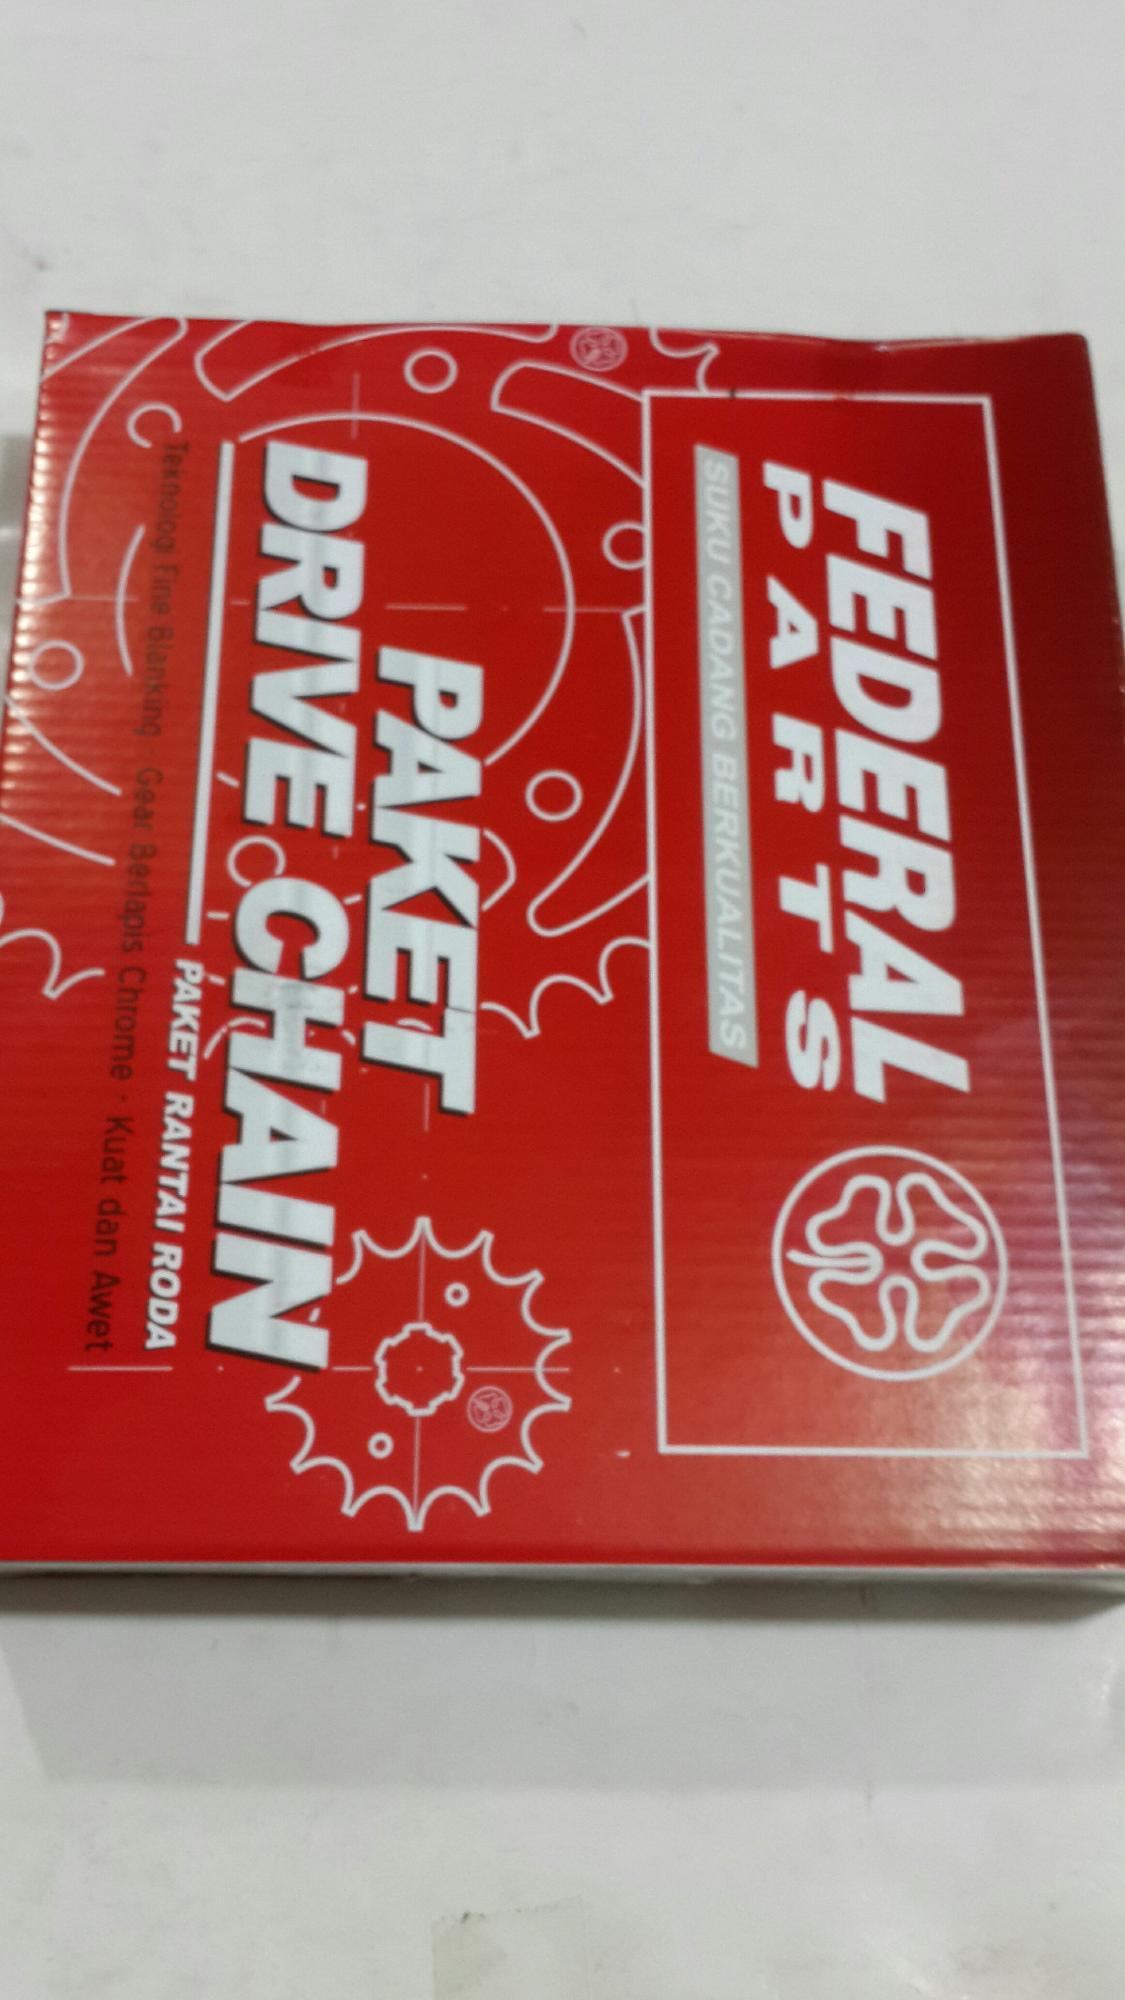 Gearset new mega pro verza cb 150r paket drive chain federal